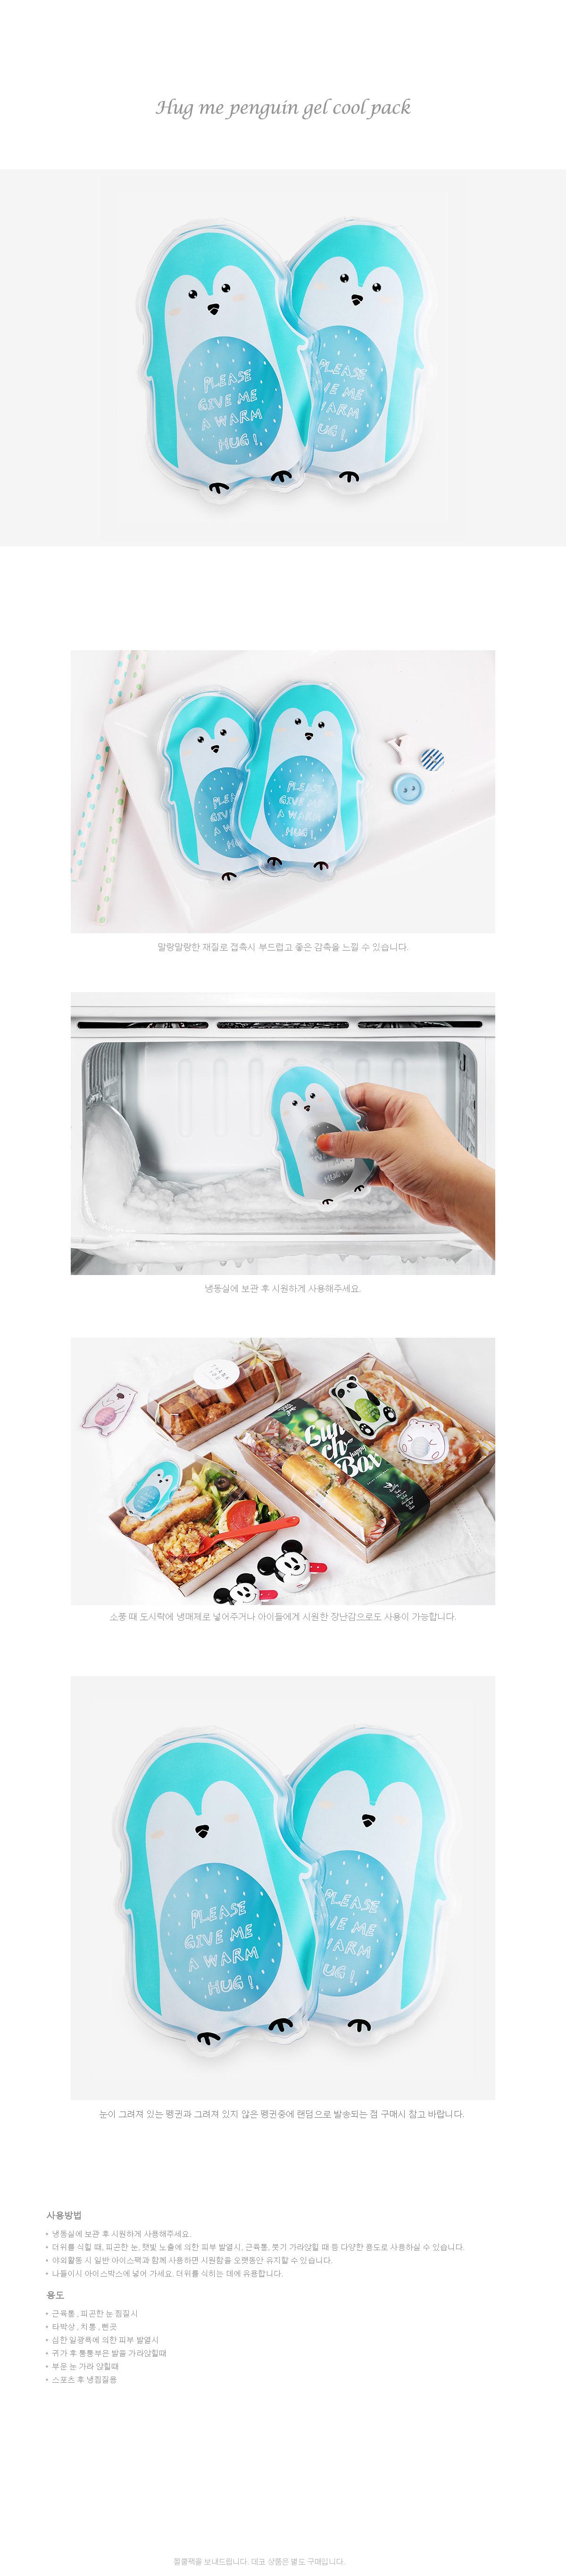 안아줘 펭귄 젤쿨팩 (2개) - 인디고샵, 1,400원, 여름용품, 아이스/쿨링용품